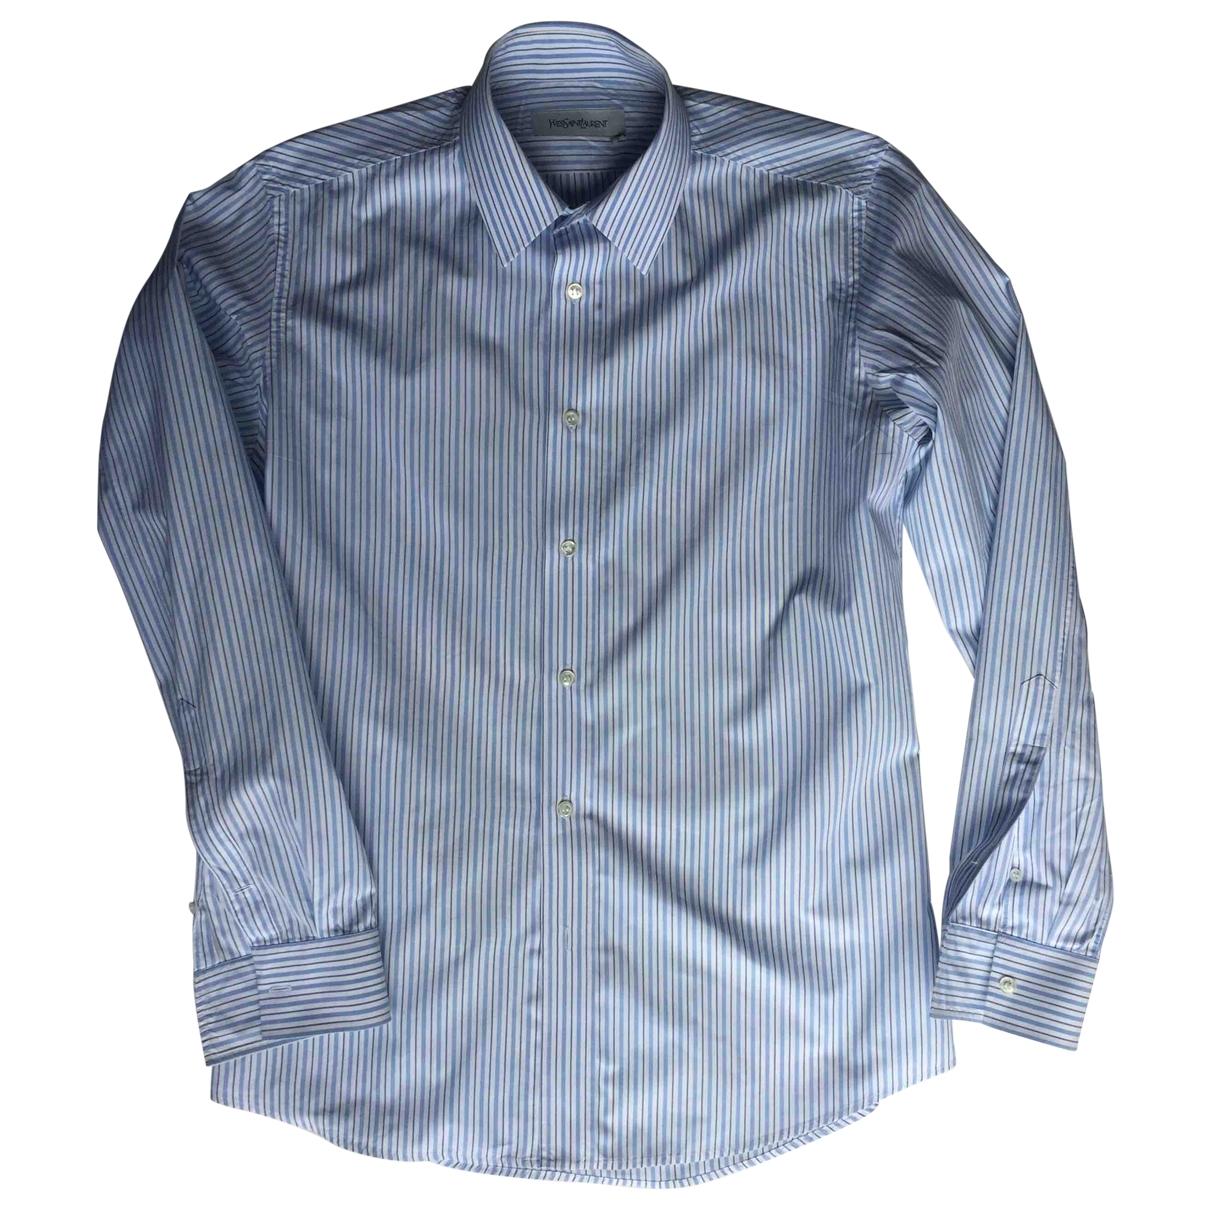 Yves Saint Laurent \N Hemden in  Blau Baumwolle